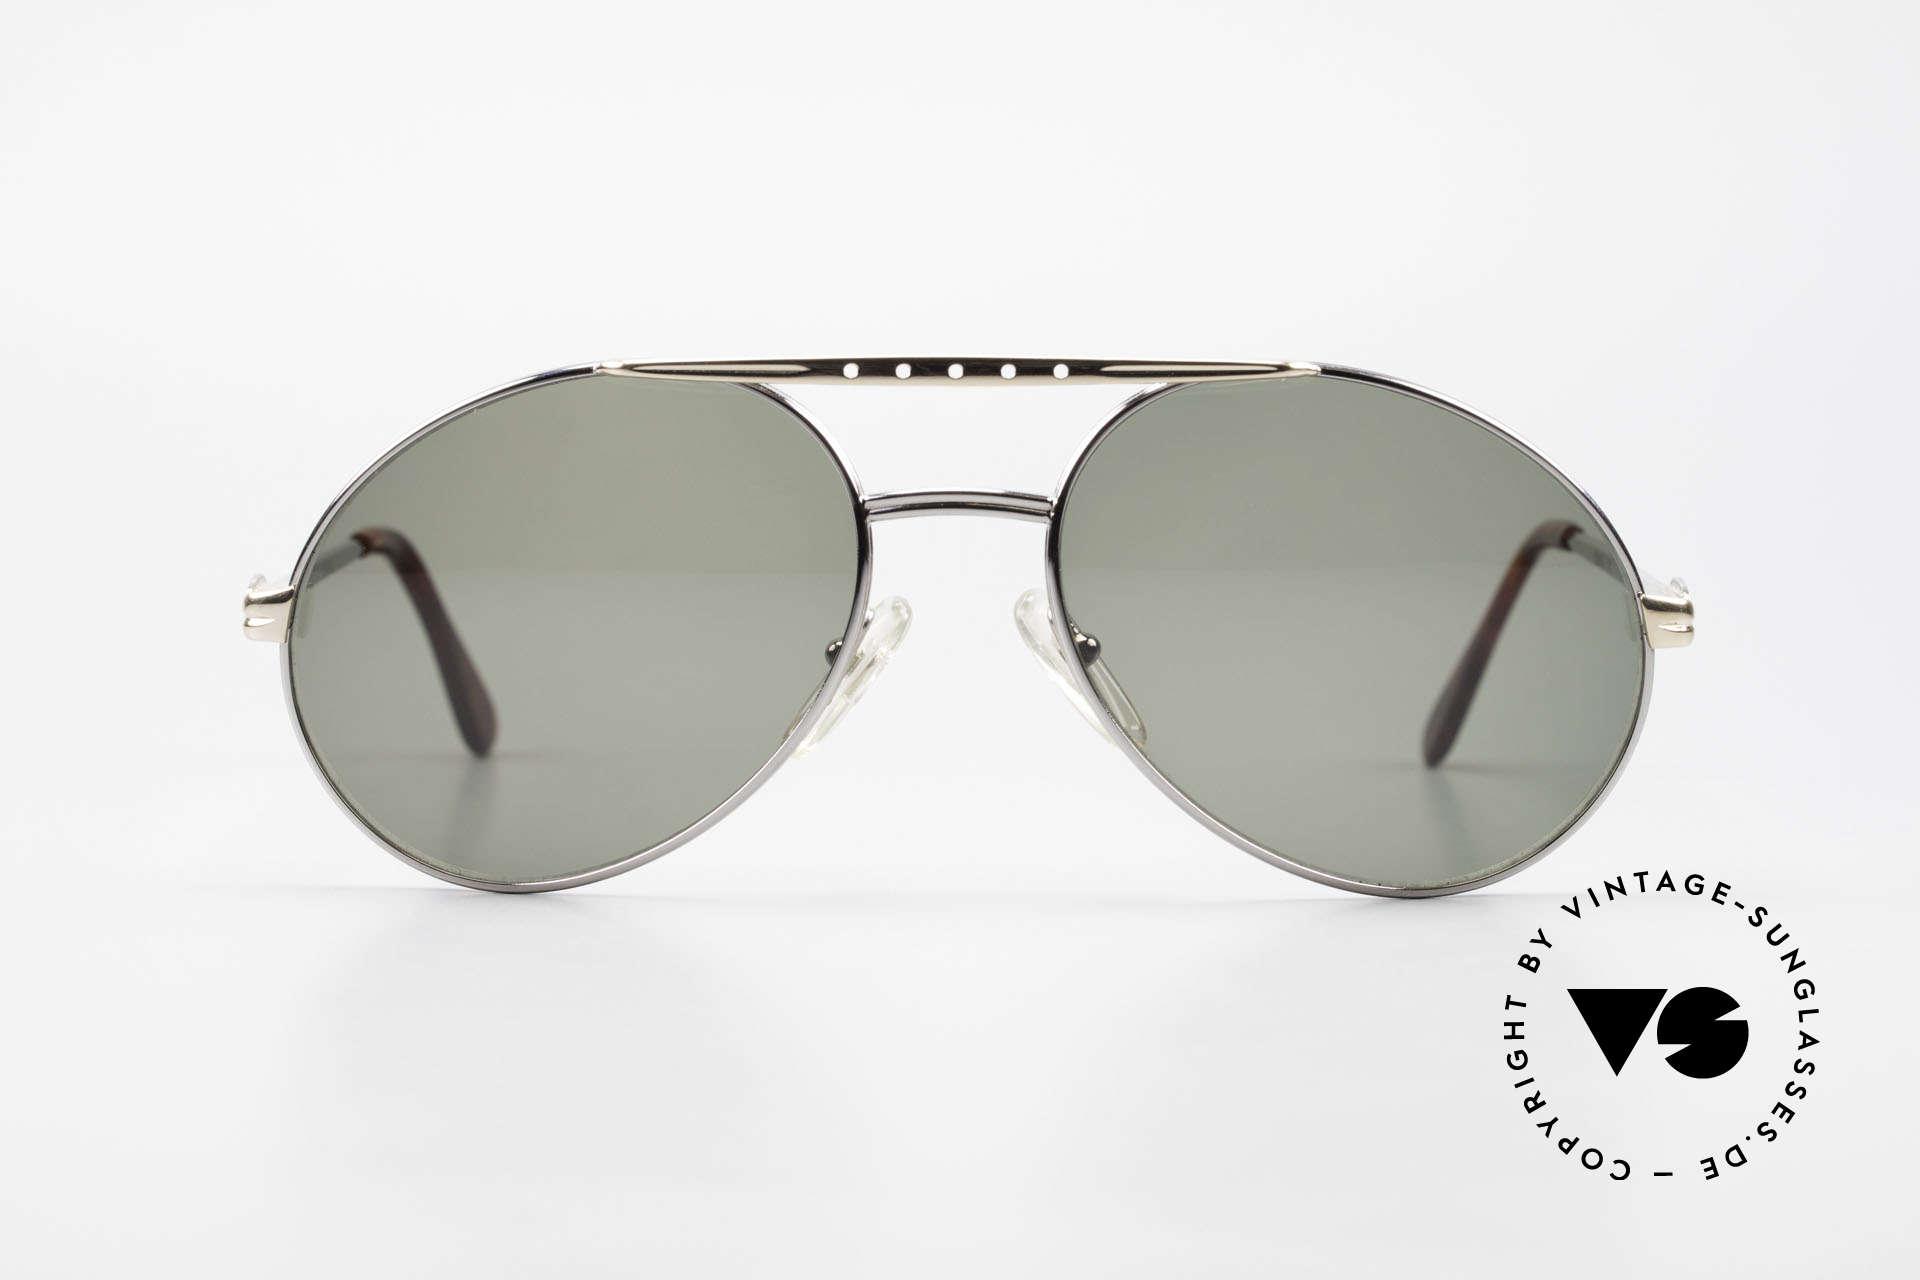 Bugatti 02926 80er Large Sonnenbrille Herren, circa Ende der 1980er Jahre in Frankreich produziert, Passend für Herren